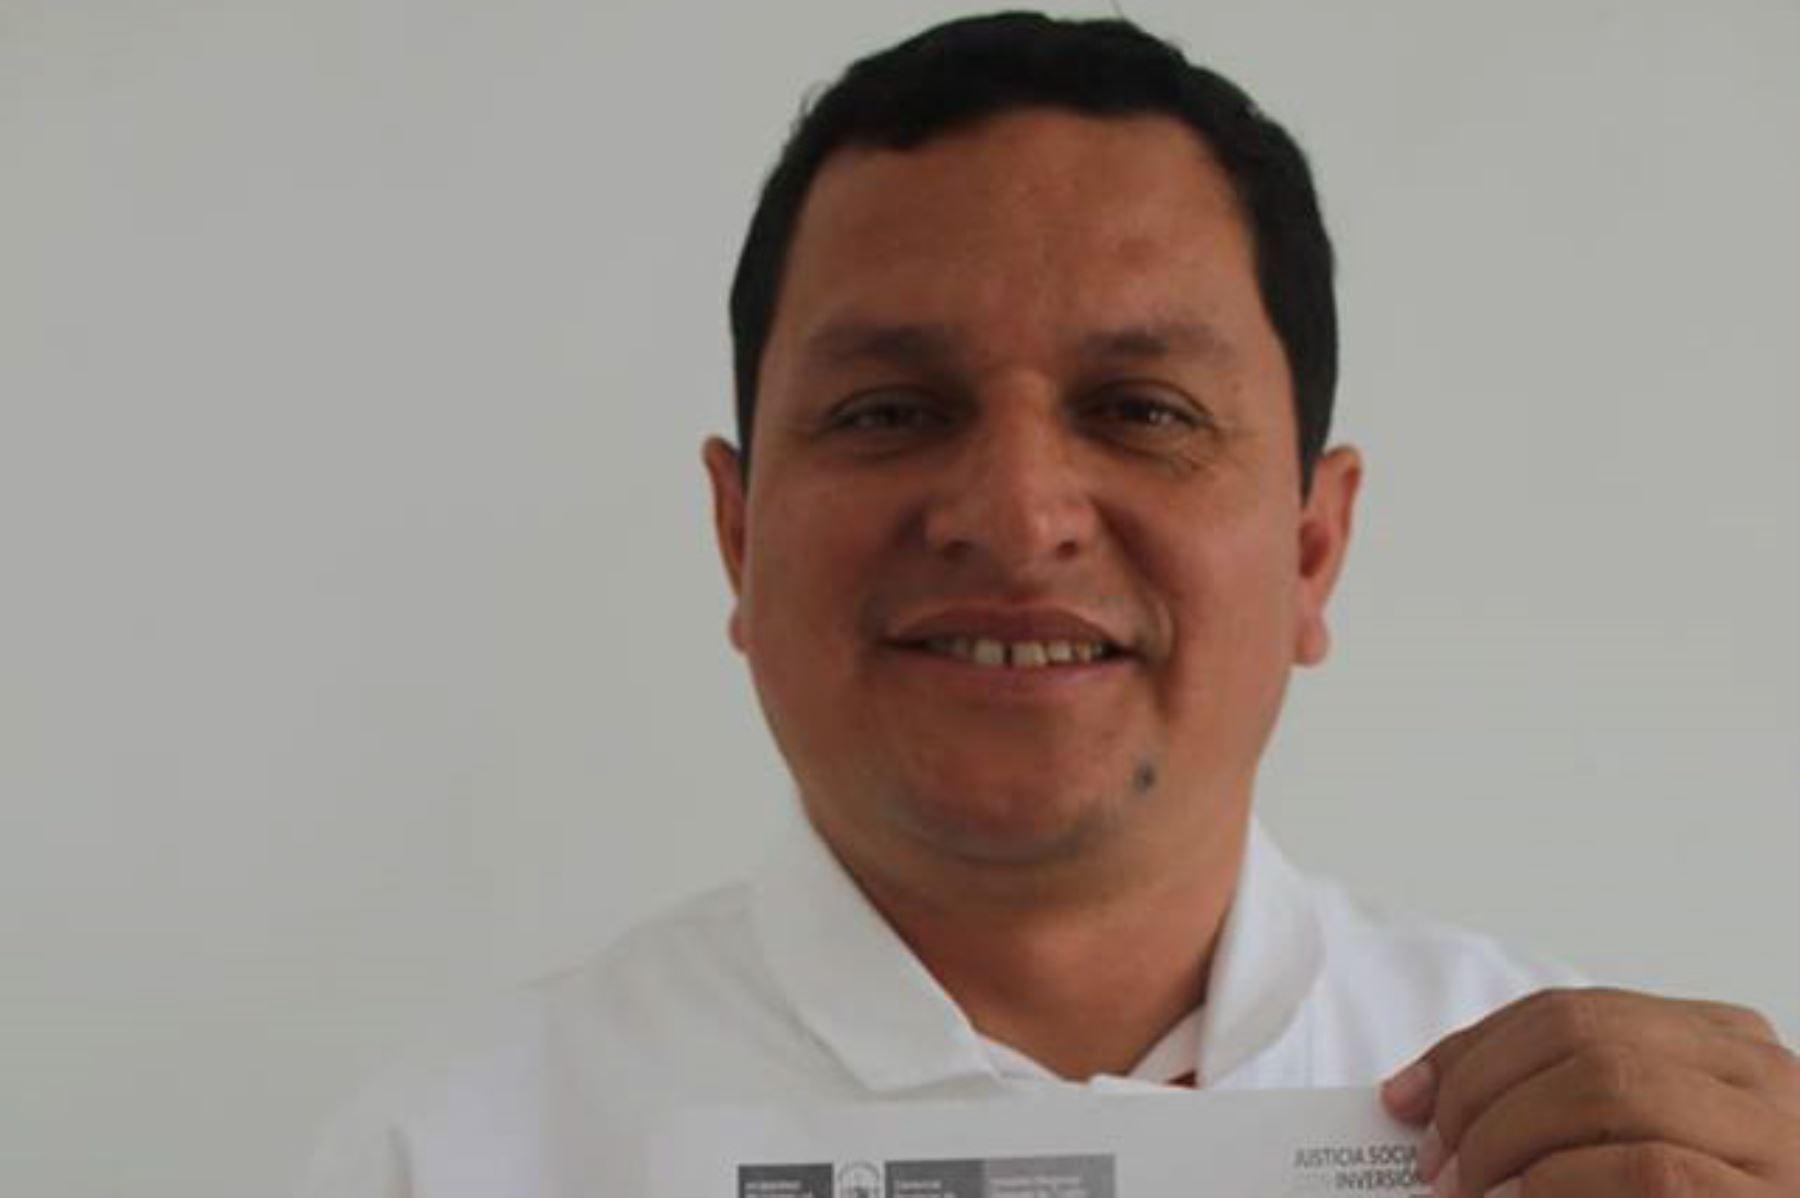 El médico Servando García Correa, es natural del distrito de Lalaquiz, provincia piurana de Huancabamba. Nació el 5 de julio de 1980 y desde este 1 de enero de 2019 ejercerá la función de gobernador regional de Piura, cargo al que llegó tras postular tres veces de manera consecutiva.ANDINA